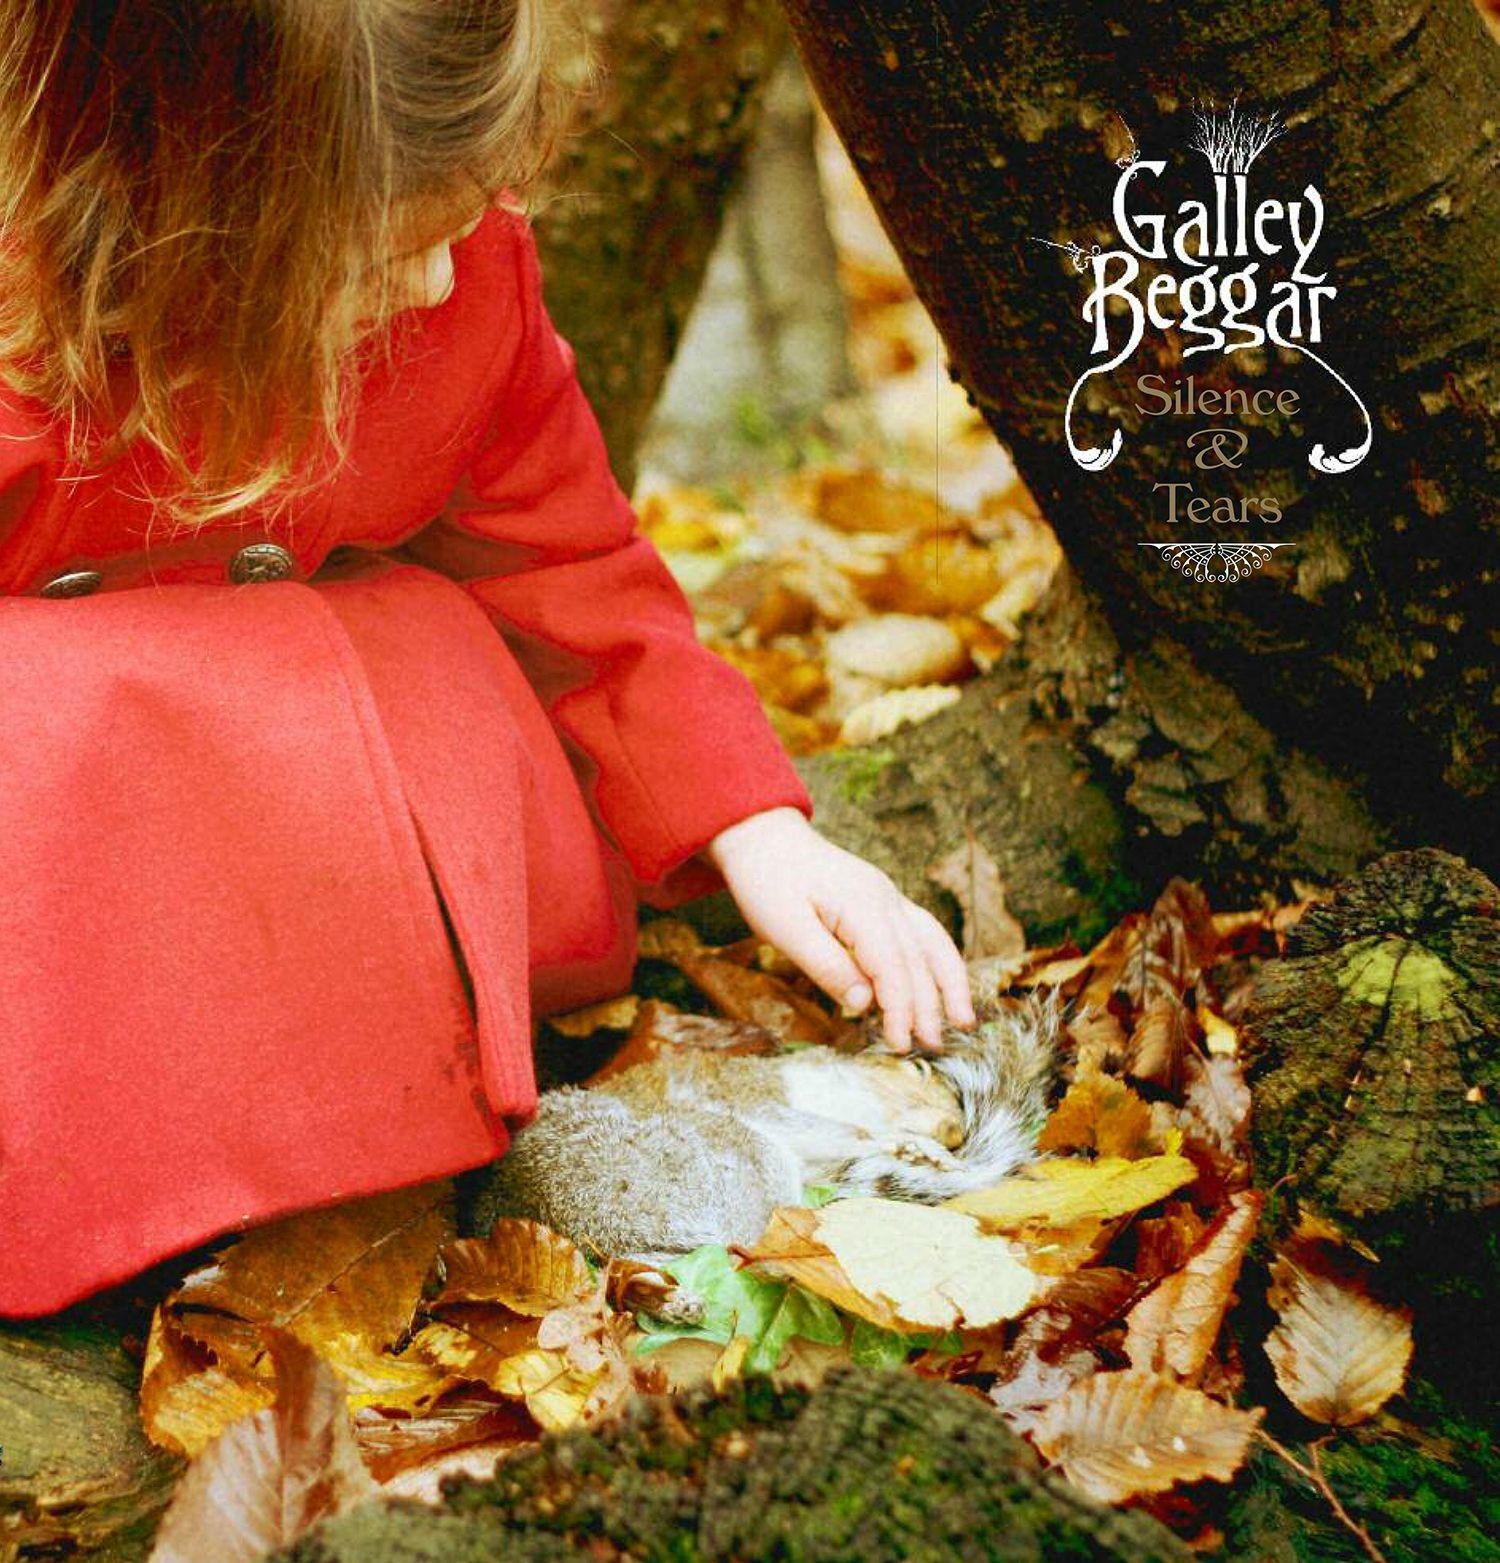 Рецензия на альбом | Galley Beggar - Silence and Tears (2015)